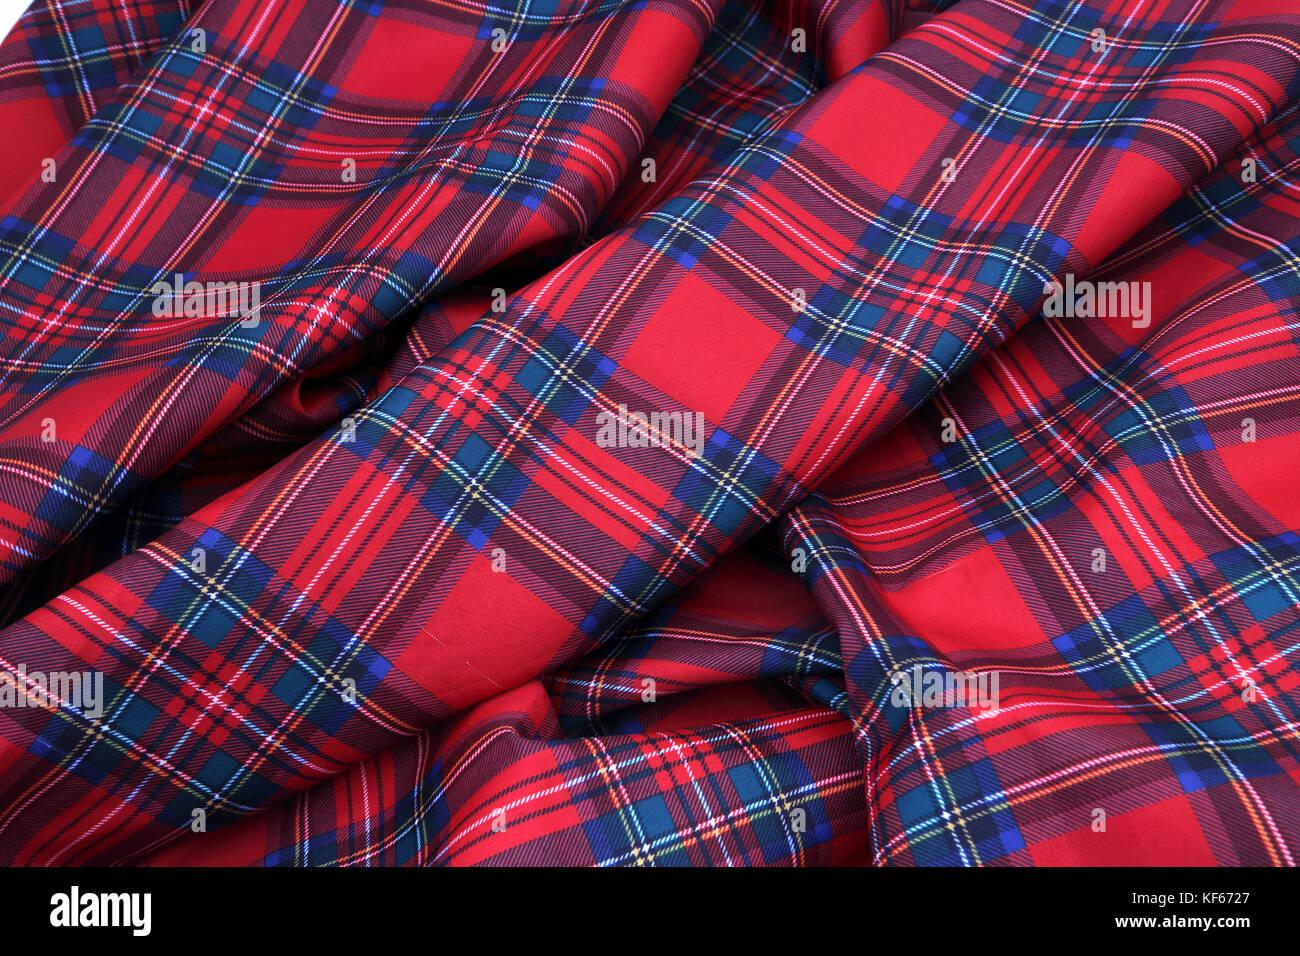 rot und blau karierte tischdecke stockfoto bild 164250415 alamy. Black Bedroom Furniture Sets. Home Design Ideas